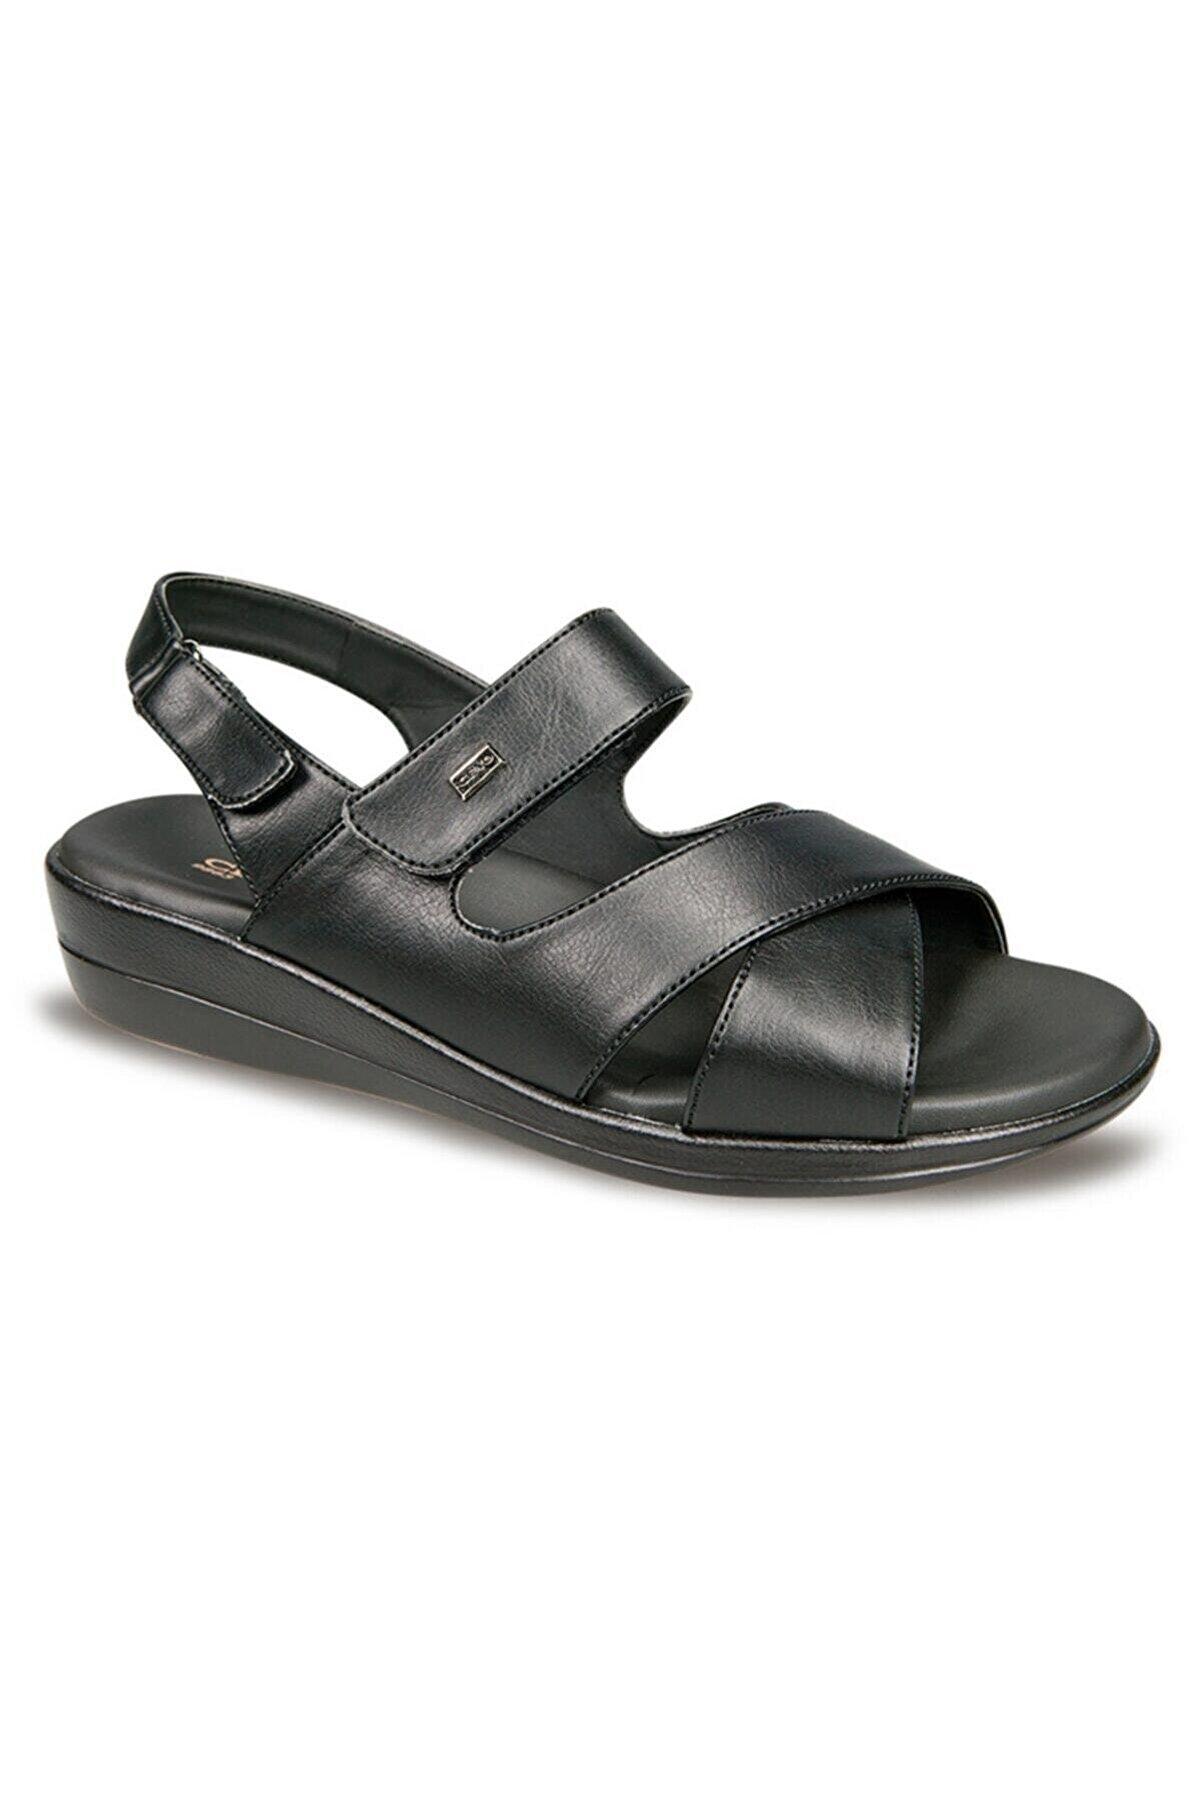 Ceyo Bayan 9863-12 Kadın Siyah Sandalet